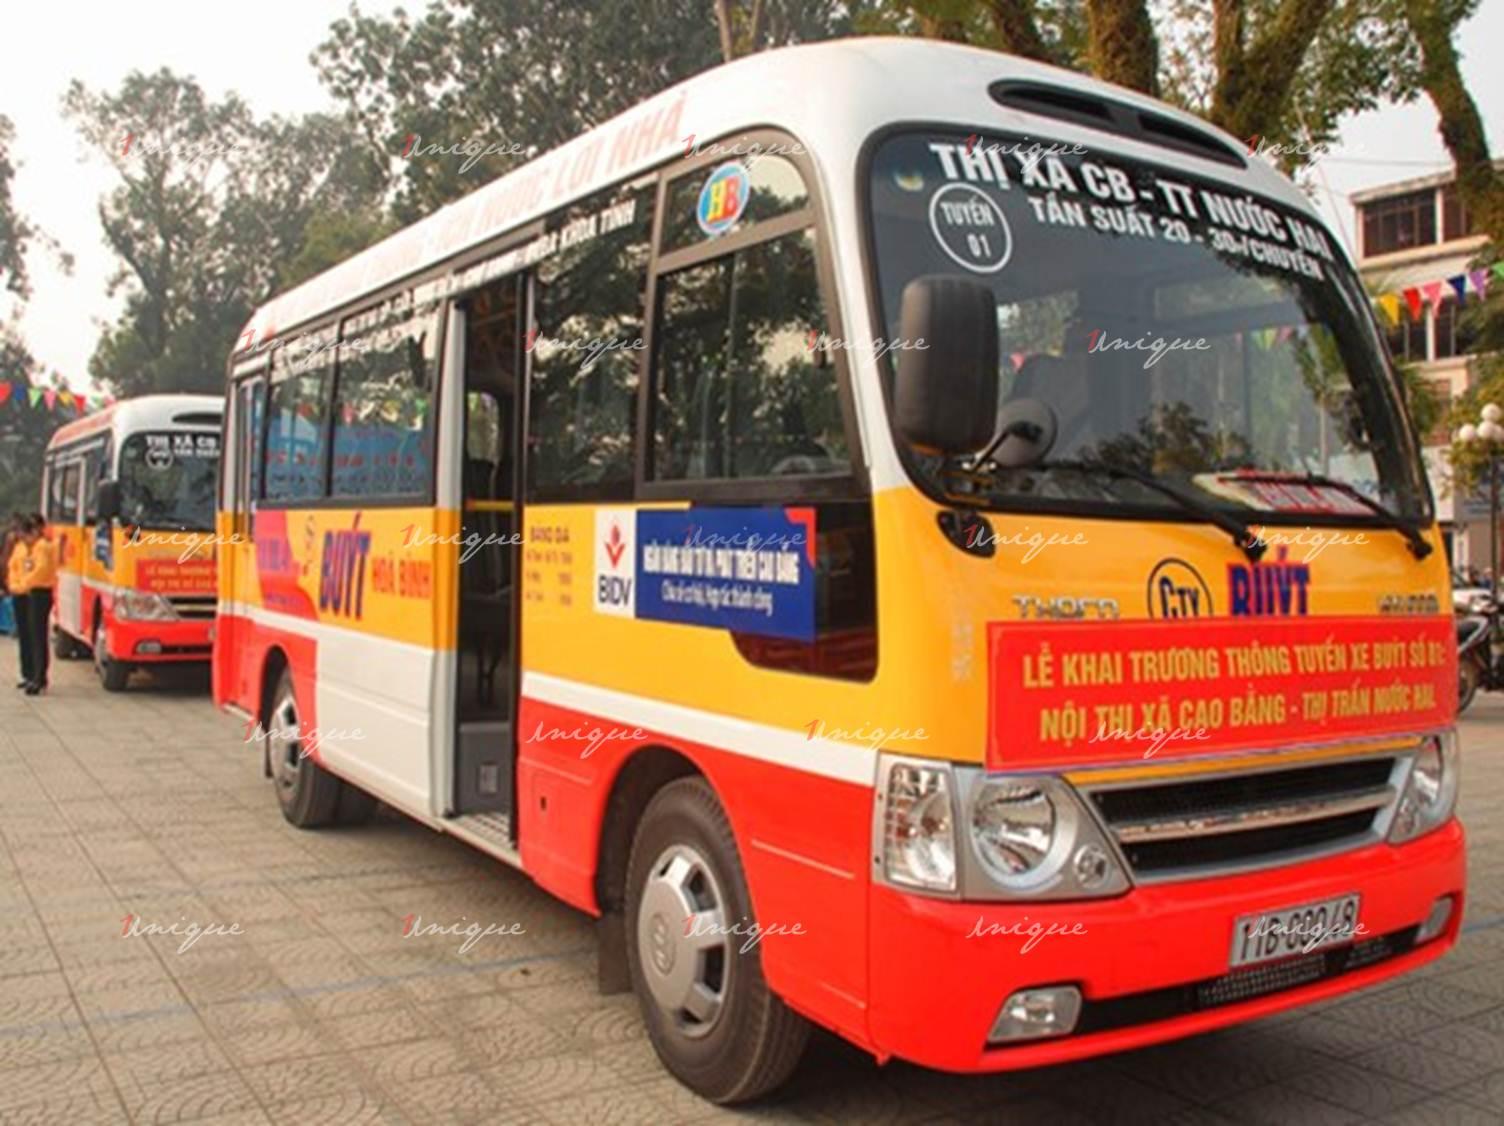 Quảng cáo xe bus tại Cao Bằng